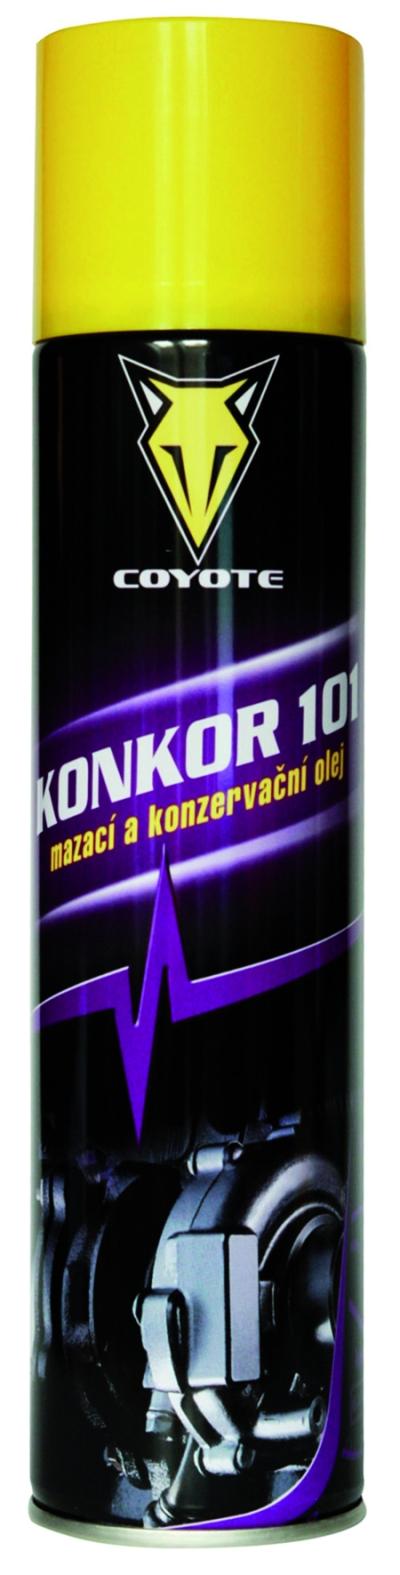 Ostatní mycí a čisticí prostředky - Konkor 101 olej 400 ml - 5033